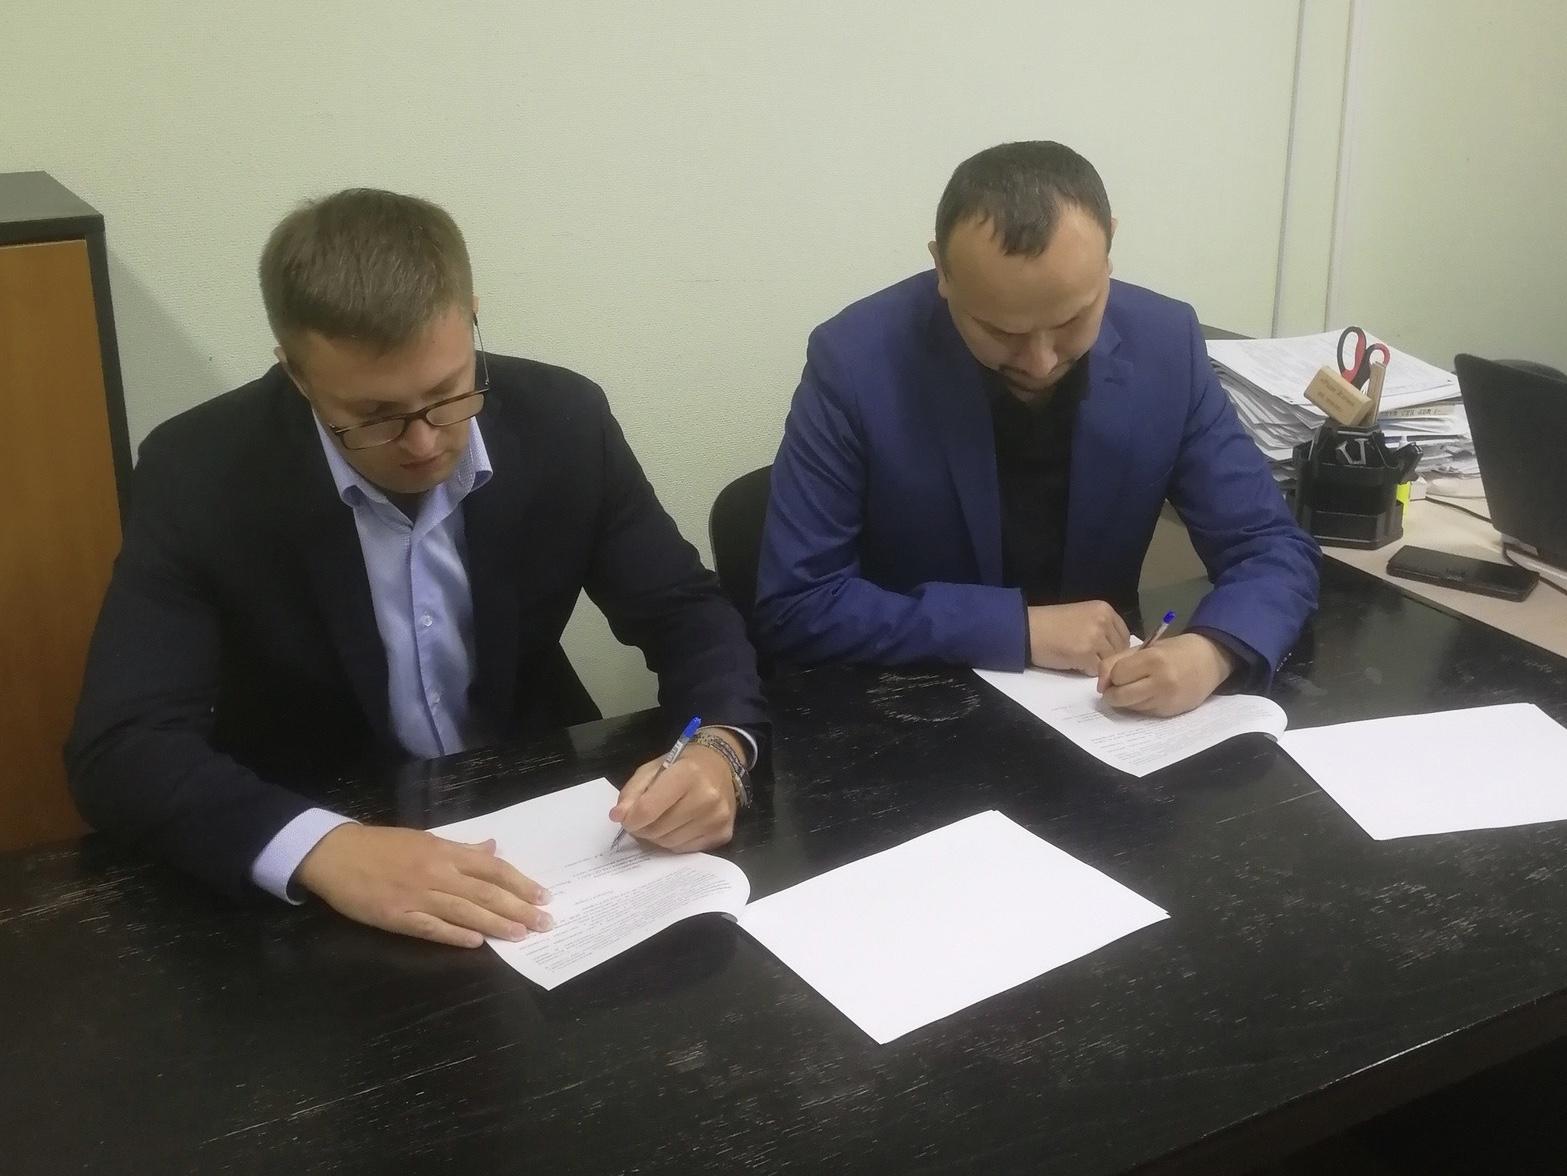 Вместе «ЗА ПРАВДУ»: Движение ЗА ПРАВДУ в ЯНАО и Союз оленеводов договорились о сотрудничестве 1